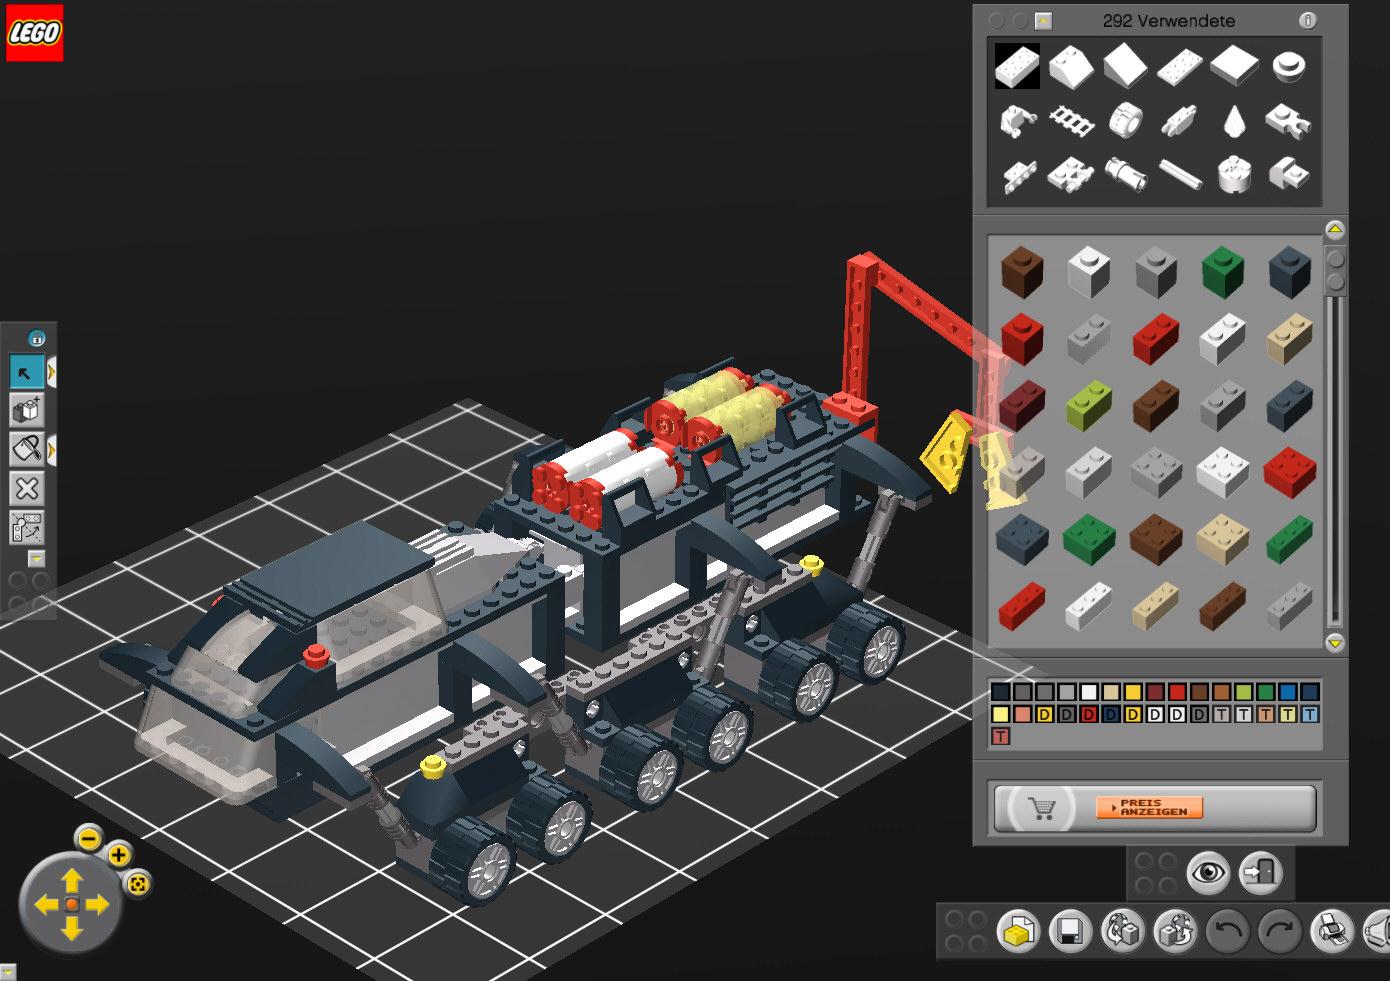 Lego Models By Jrg Roth